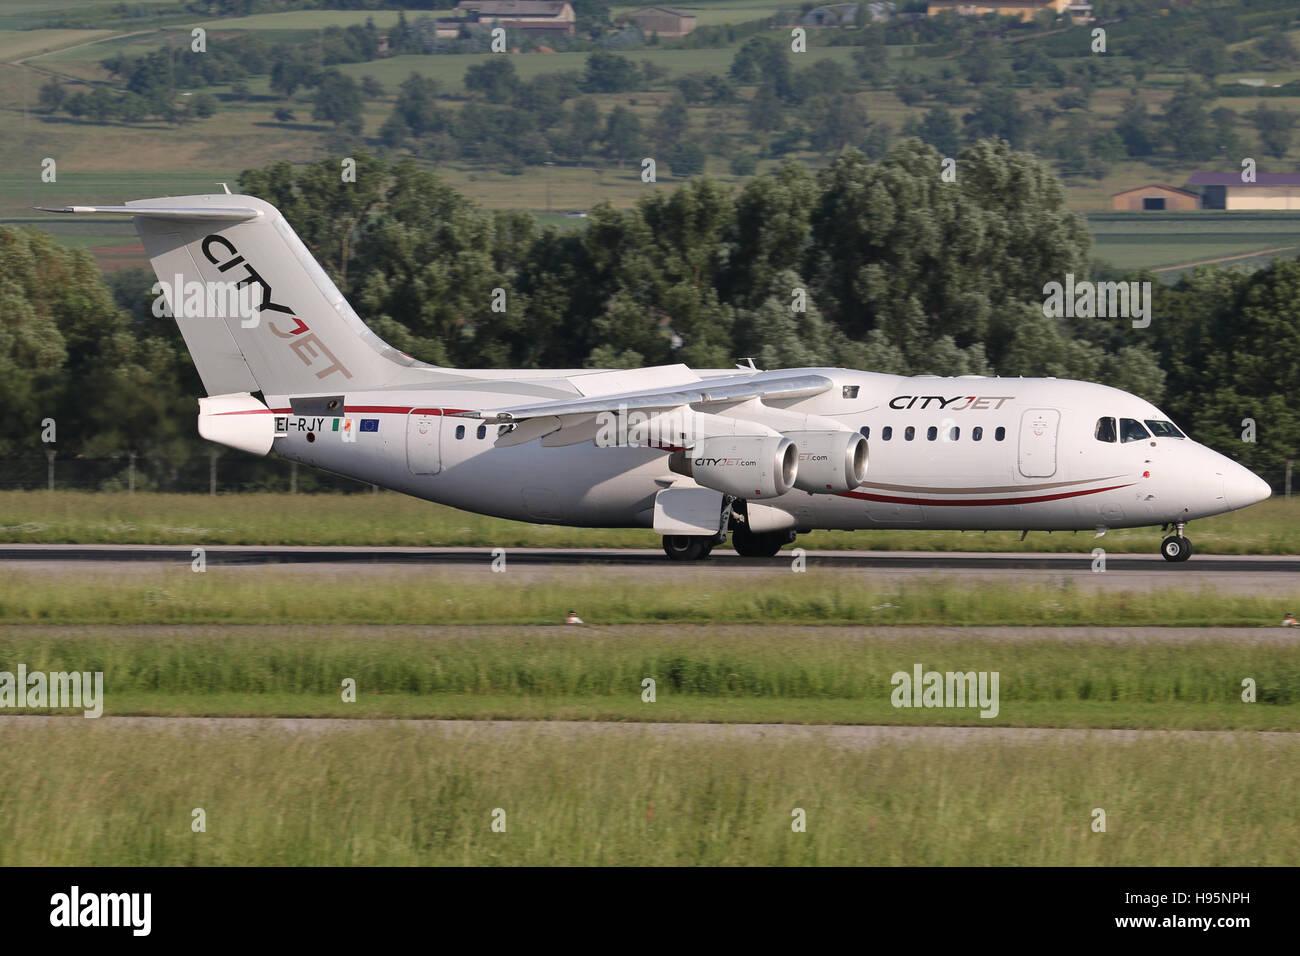 Stuttgart, Germany – June 09, 2016: Cityjet, BAE Avro is landing at Stuttgart Airport - Stock Image